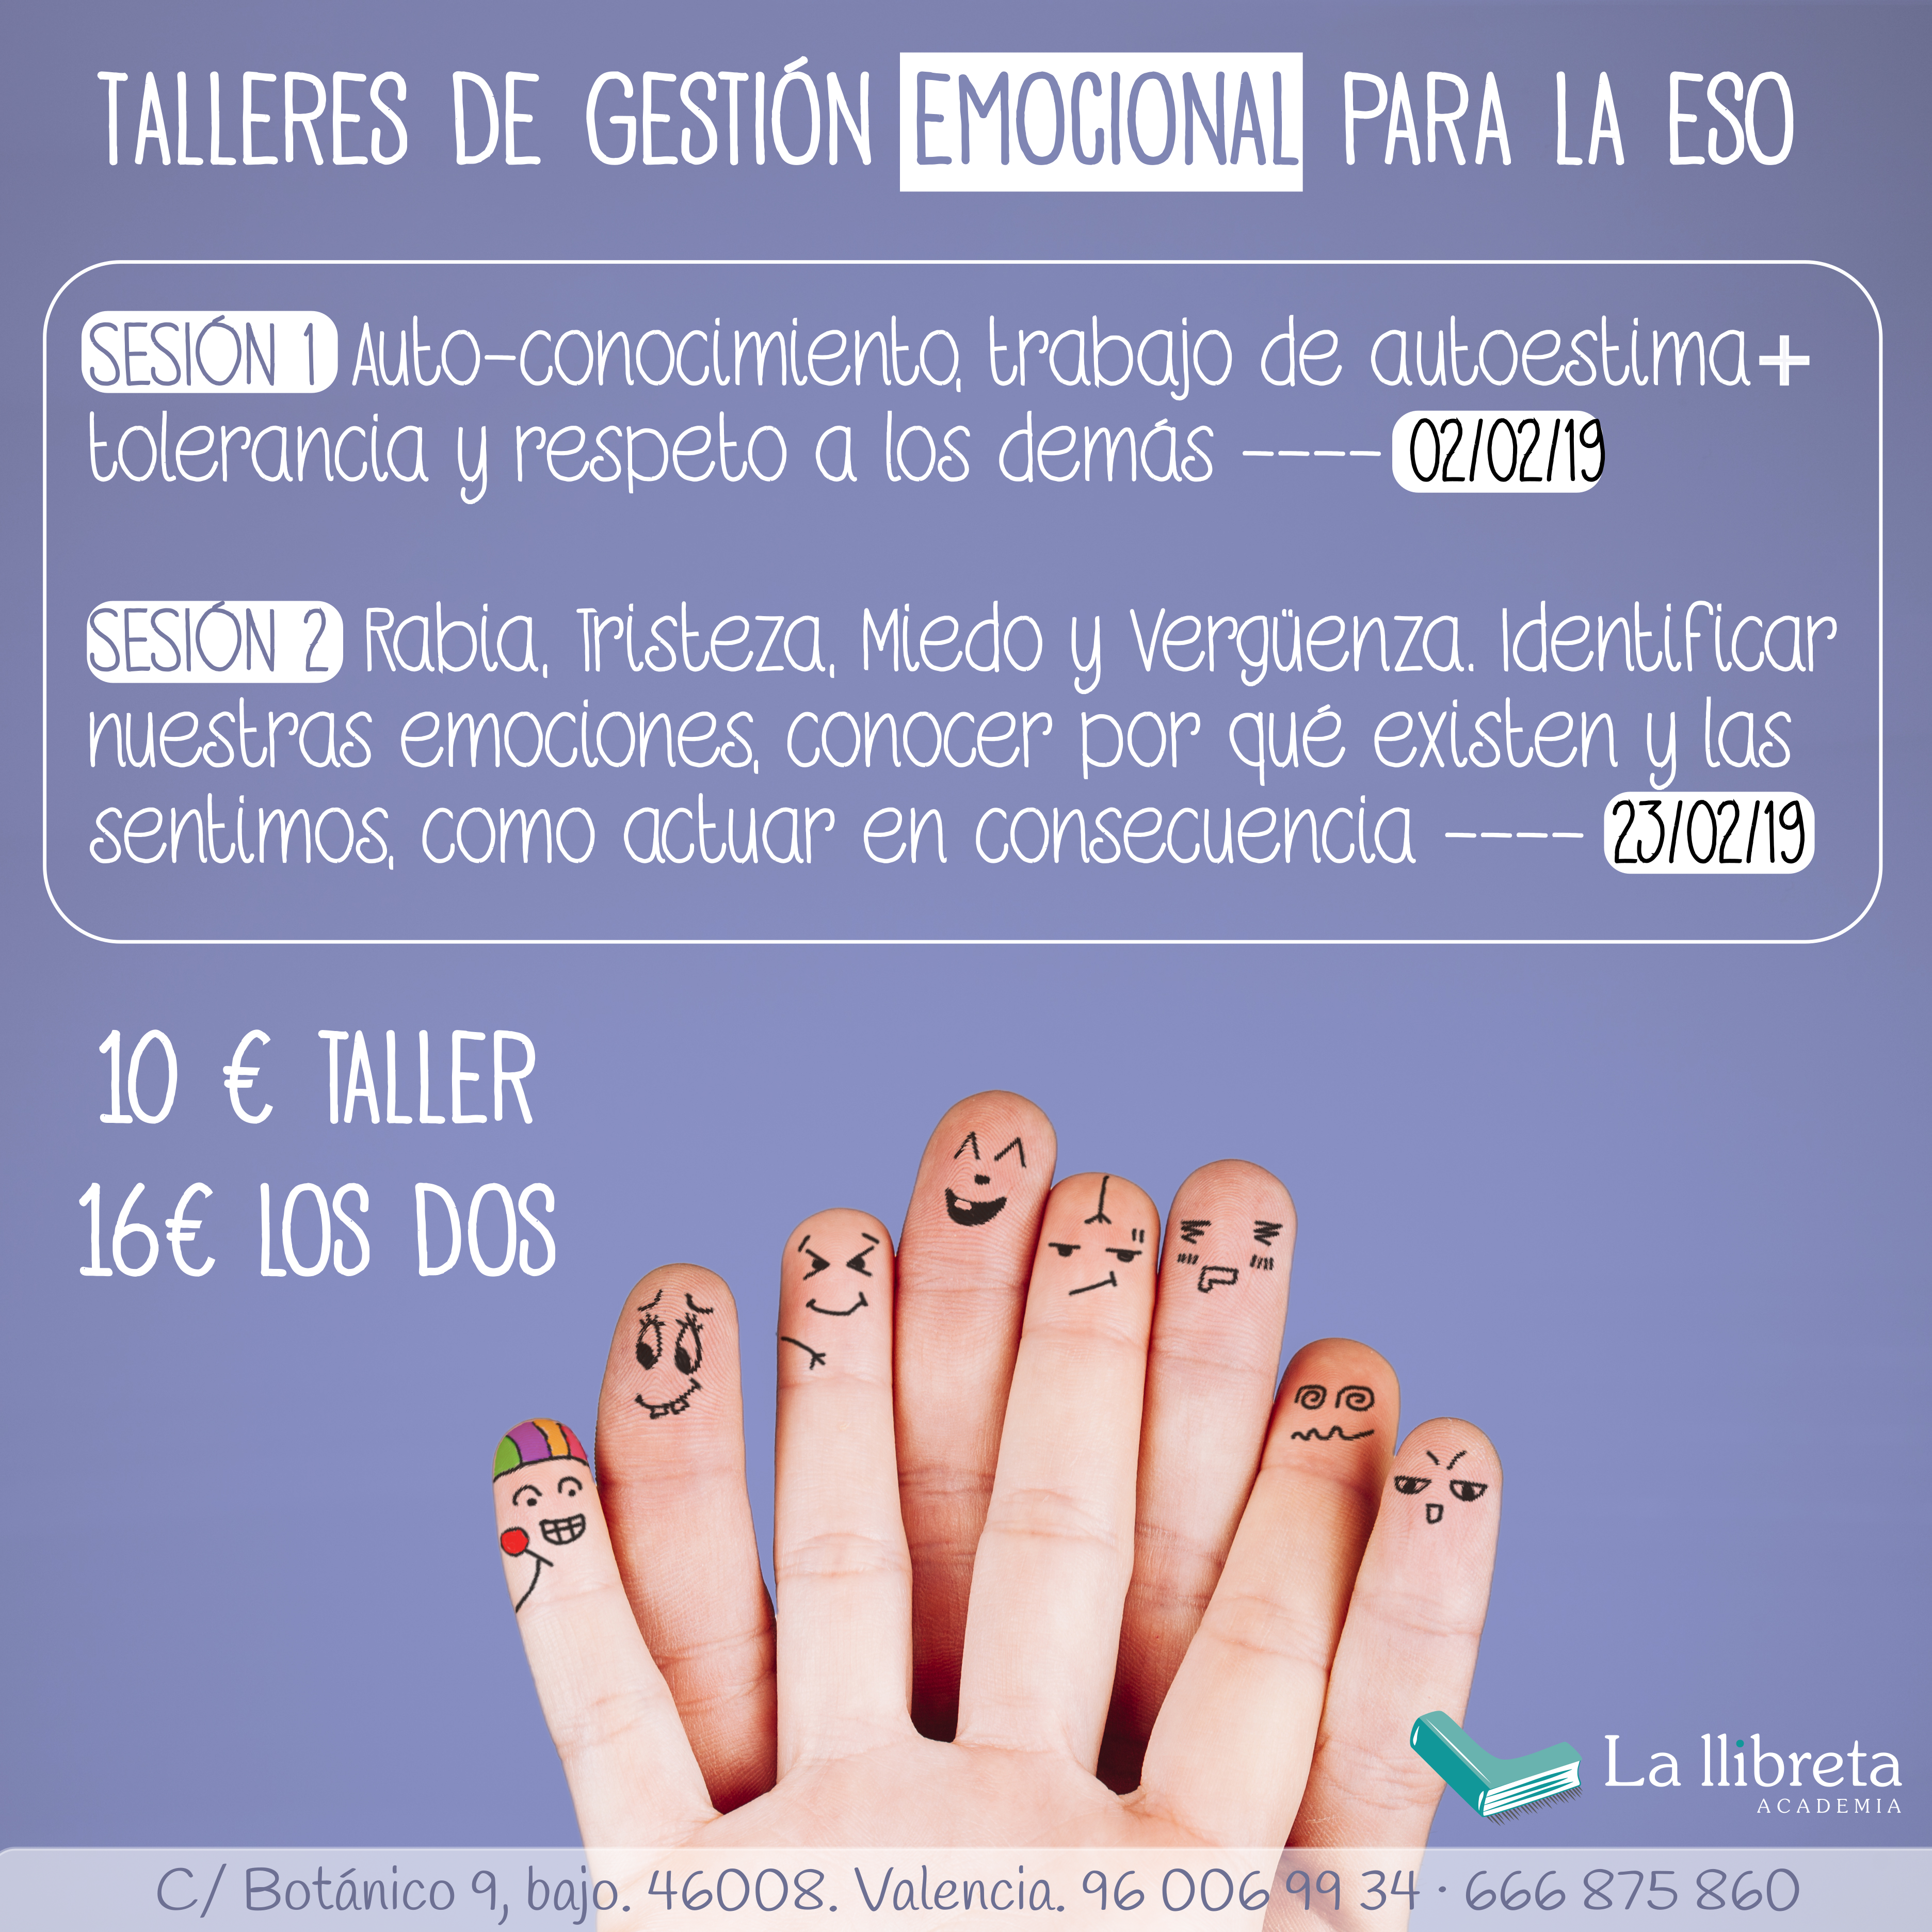 Gestión emocional ESO @ Academia la llibreta | València | Comunidad Valenciana | España